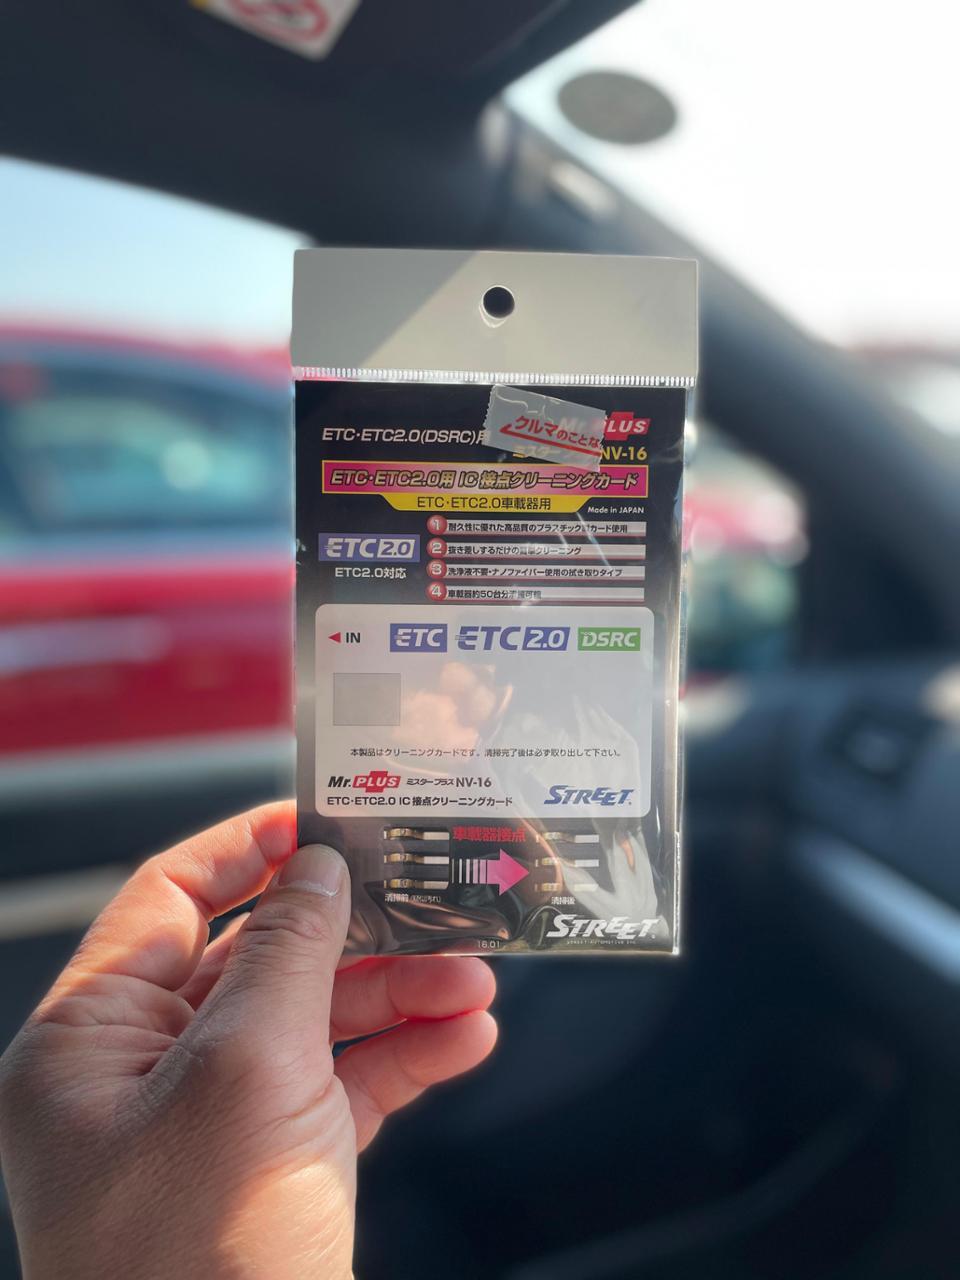 ストリート NV-16 ETC・ETC2.0用 IC 接点クリーニングカード